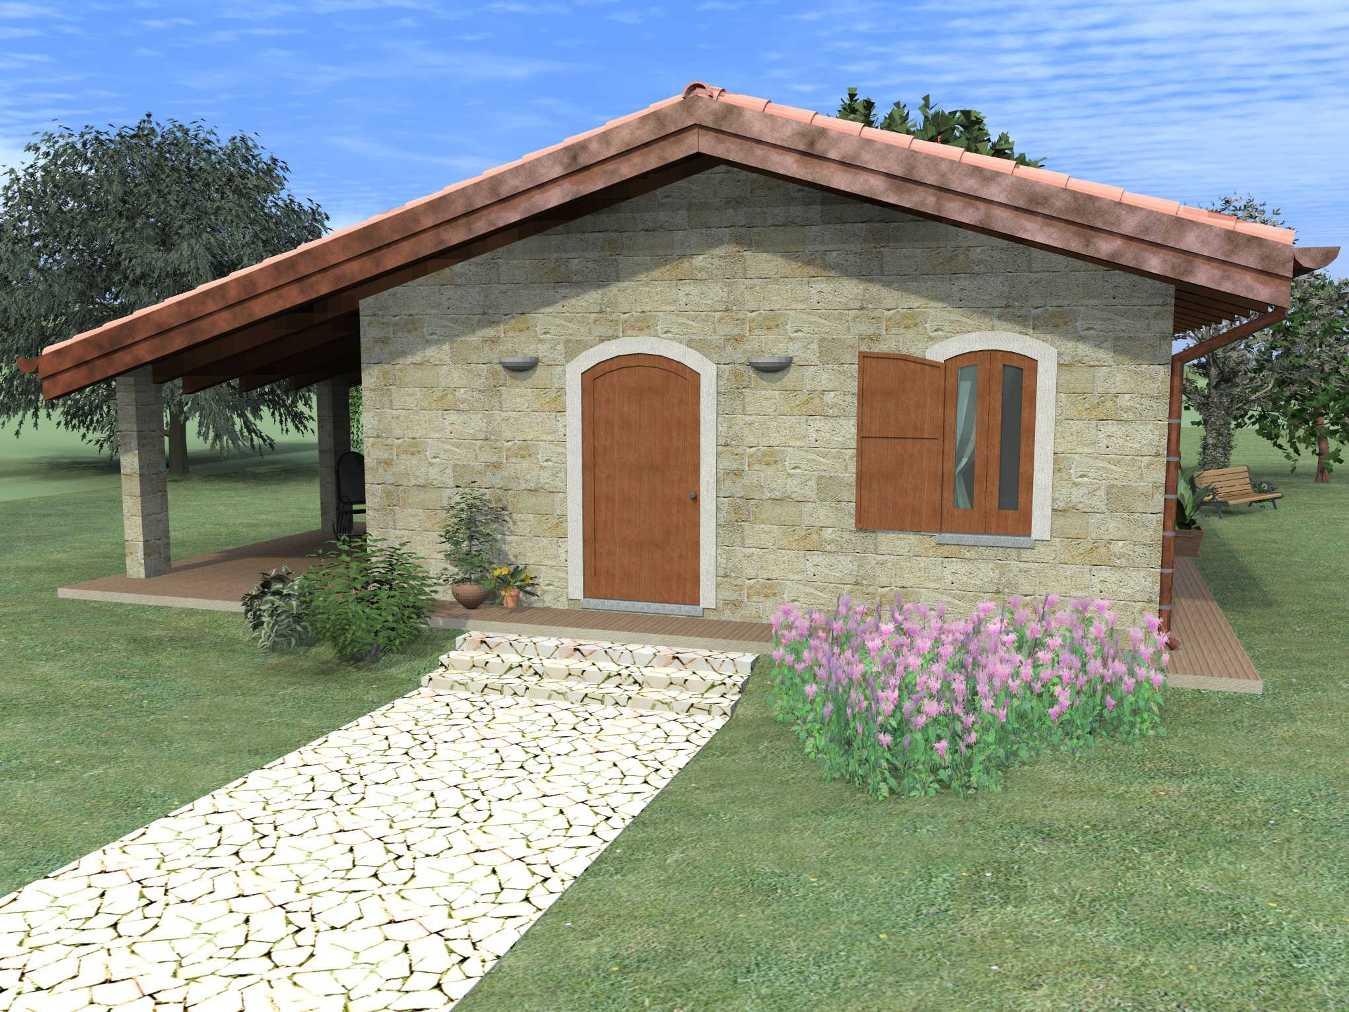 Case Mobili Usate Con Prezzo : Case mobili bungalow case su ruote casa ecolegno